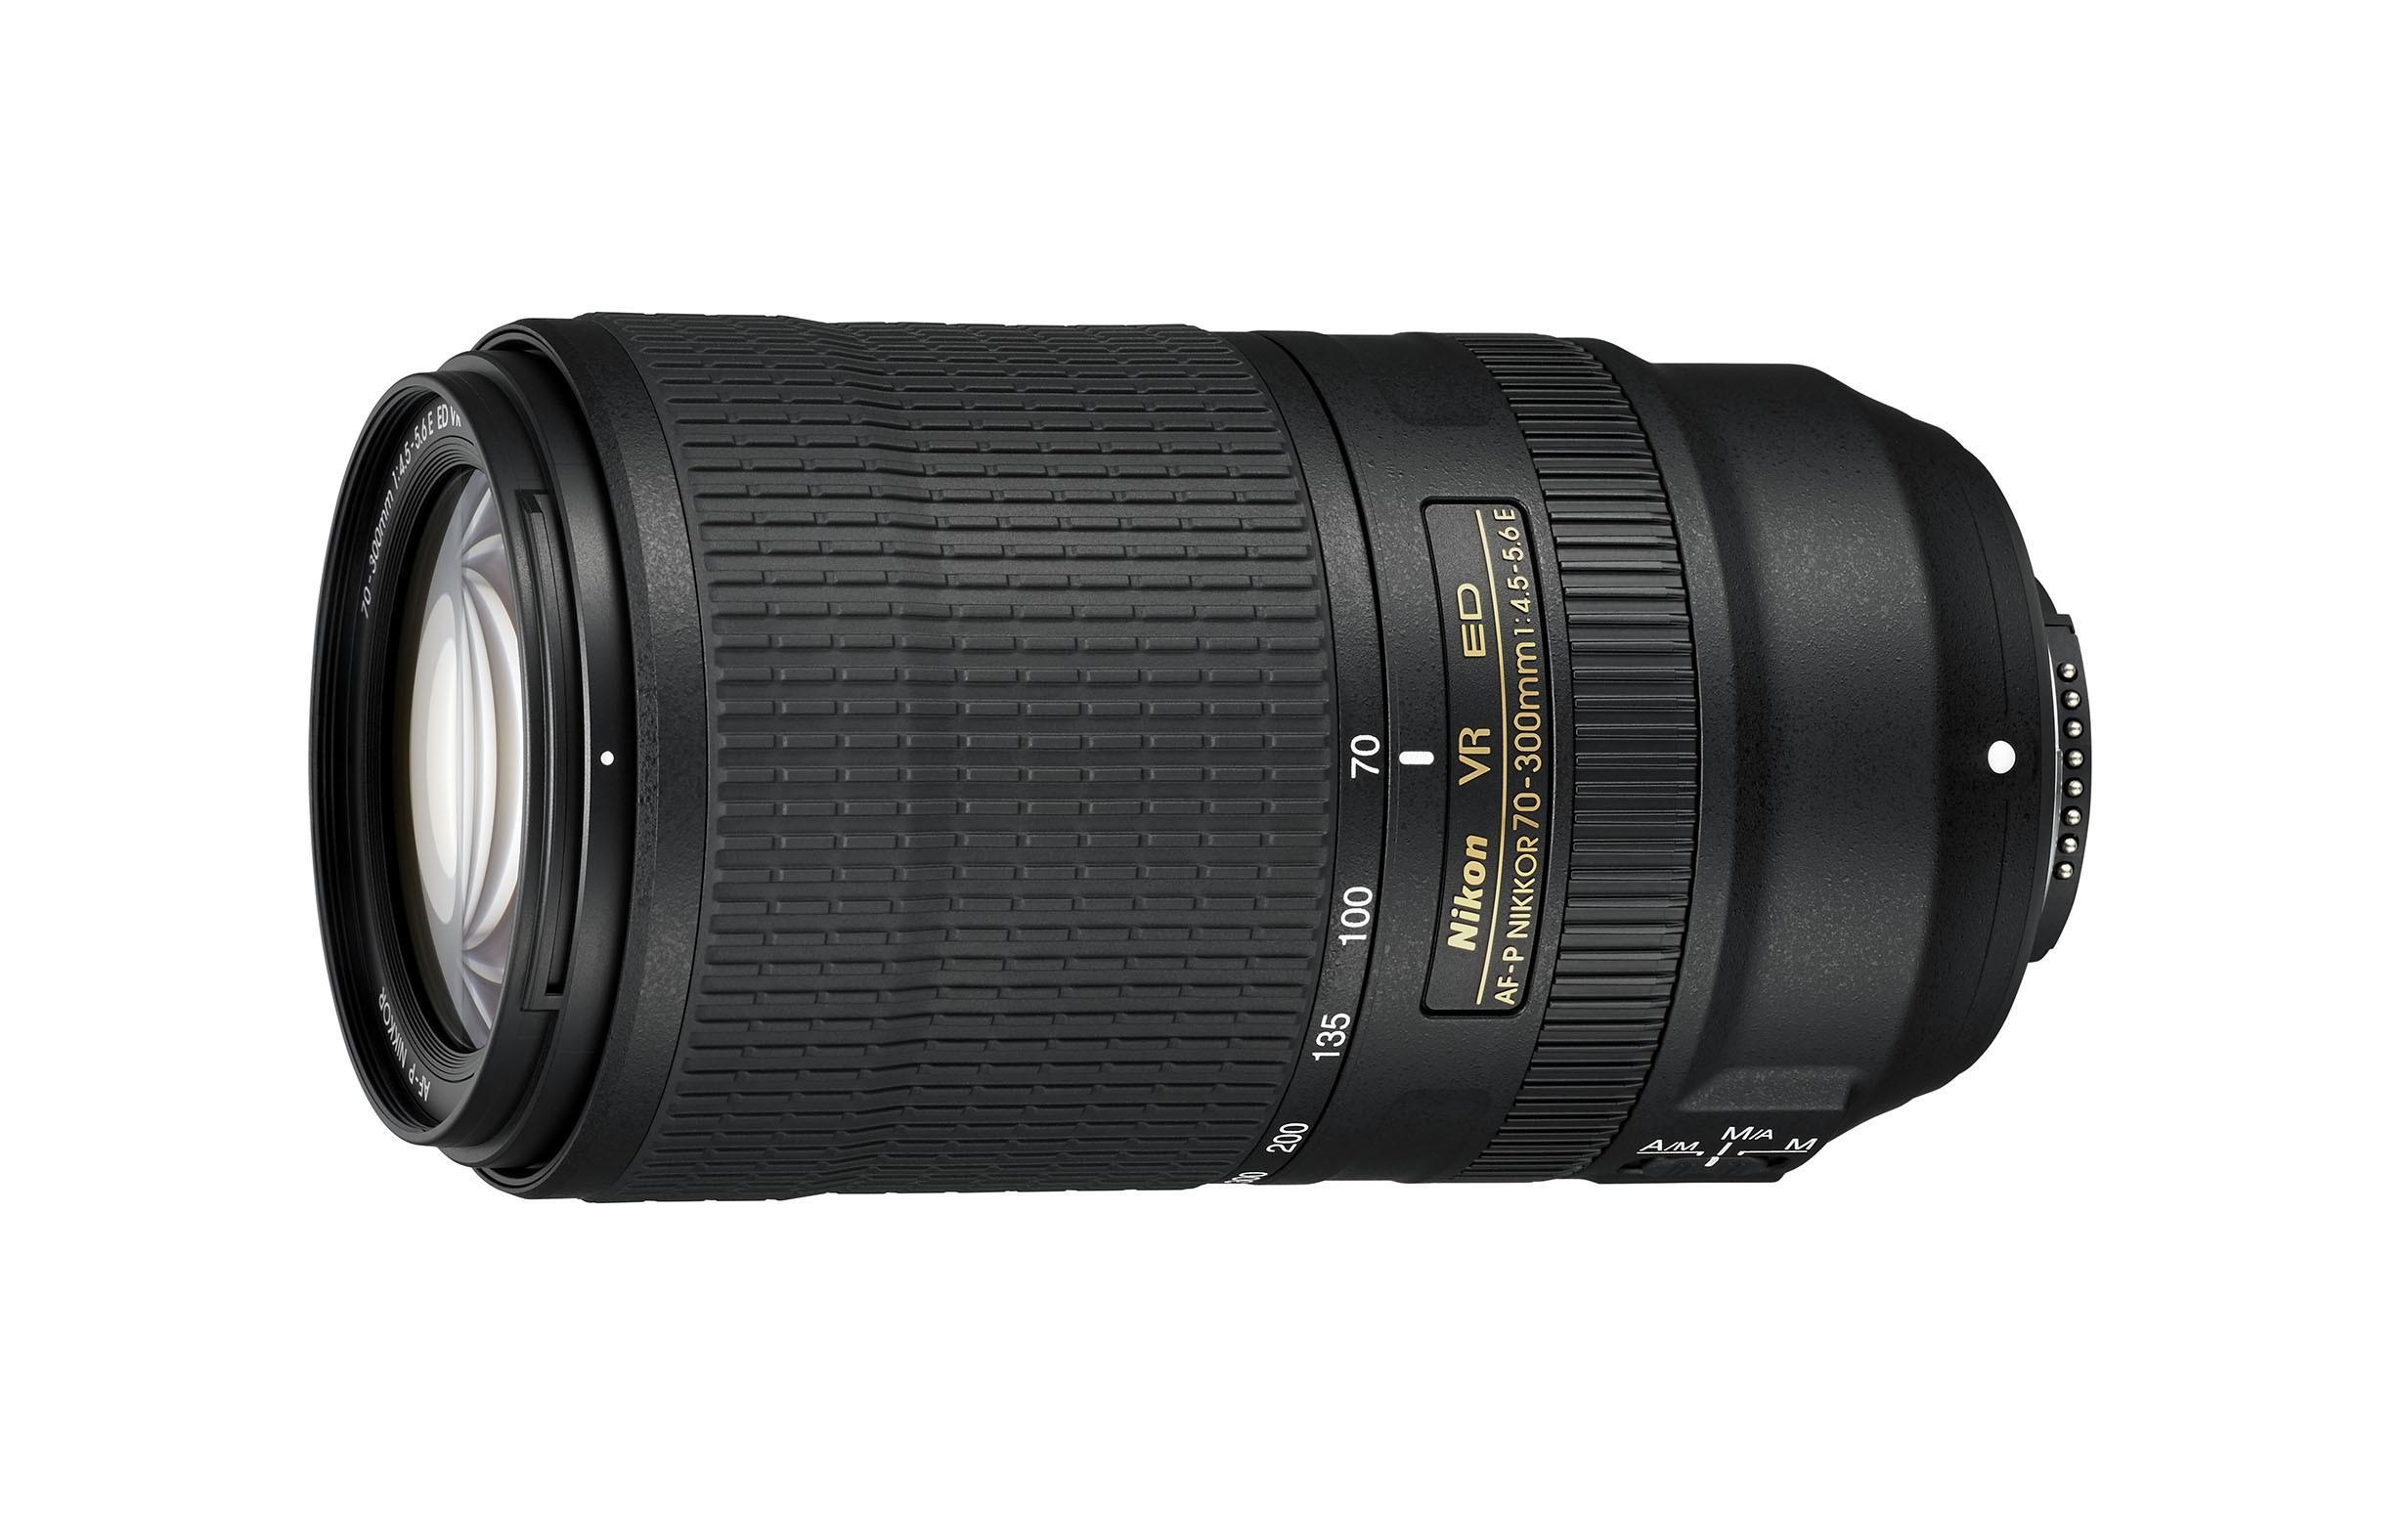 Zoom AF-P NIKKOR 70-300mm ED VR